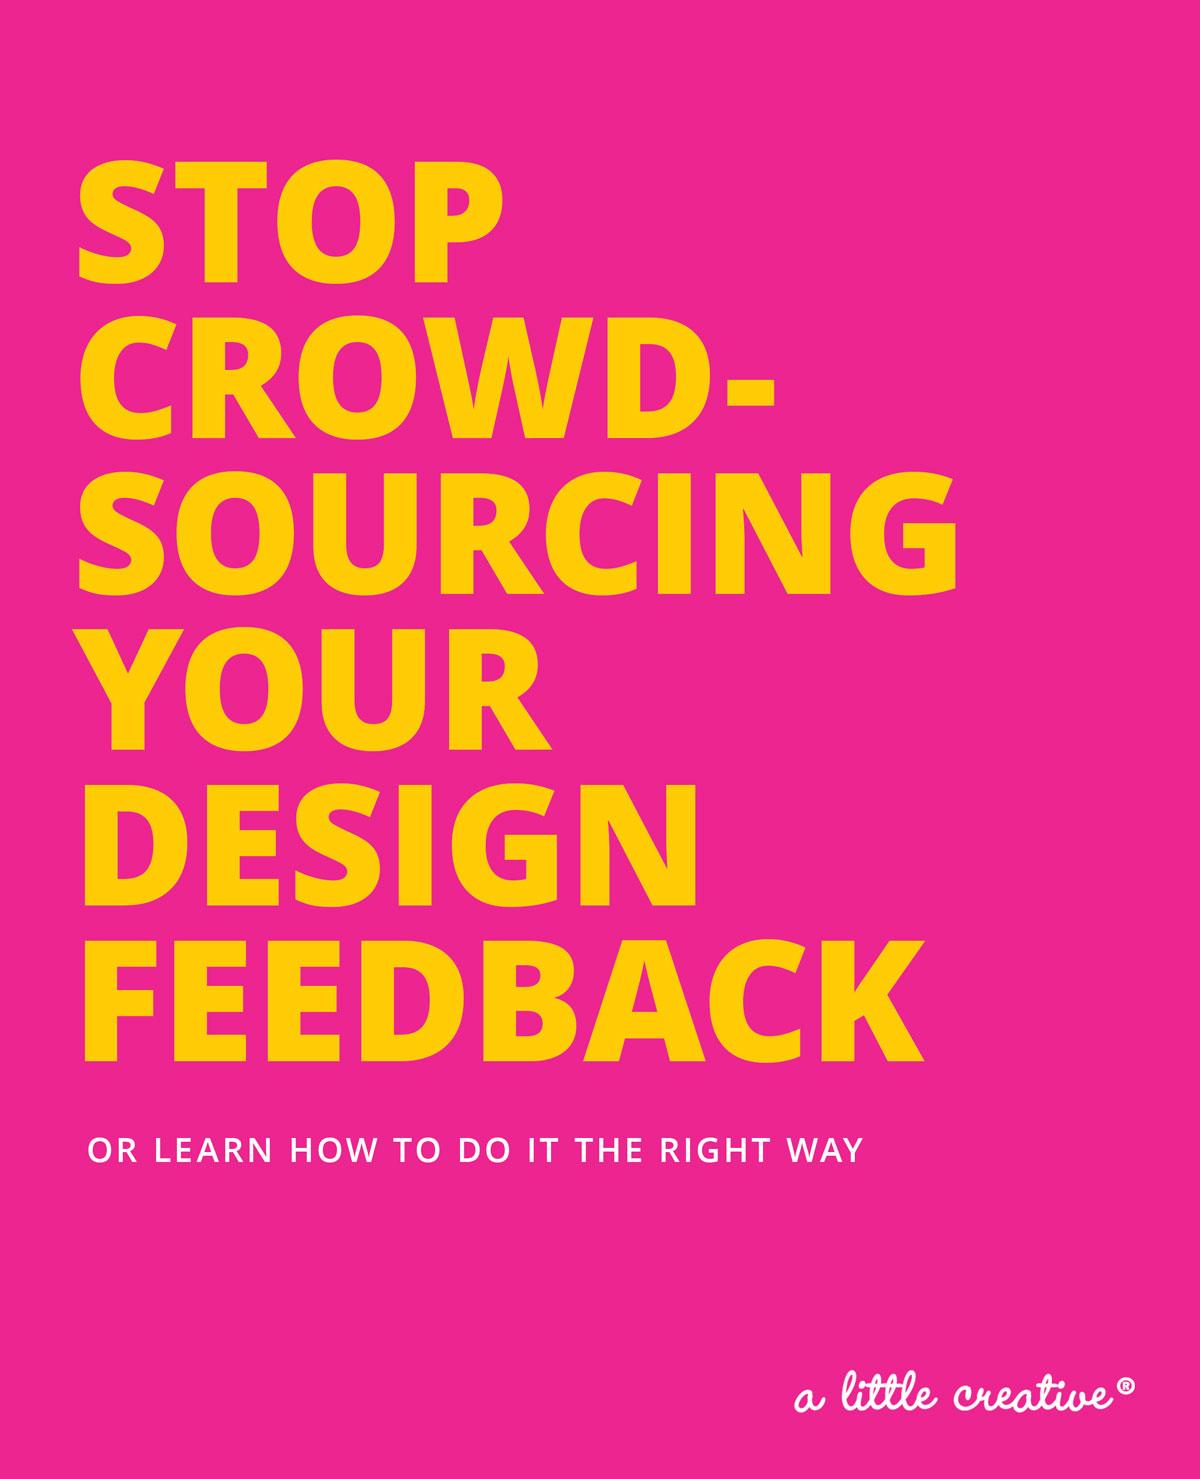 Crowdsourcing Design Feedback / a little creative